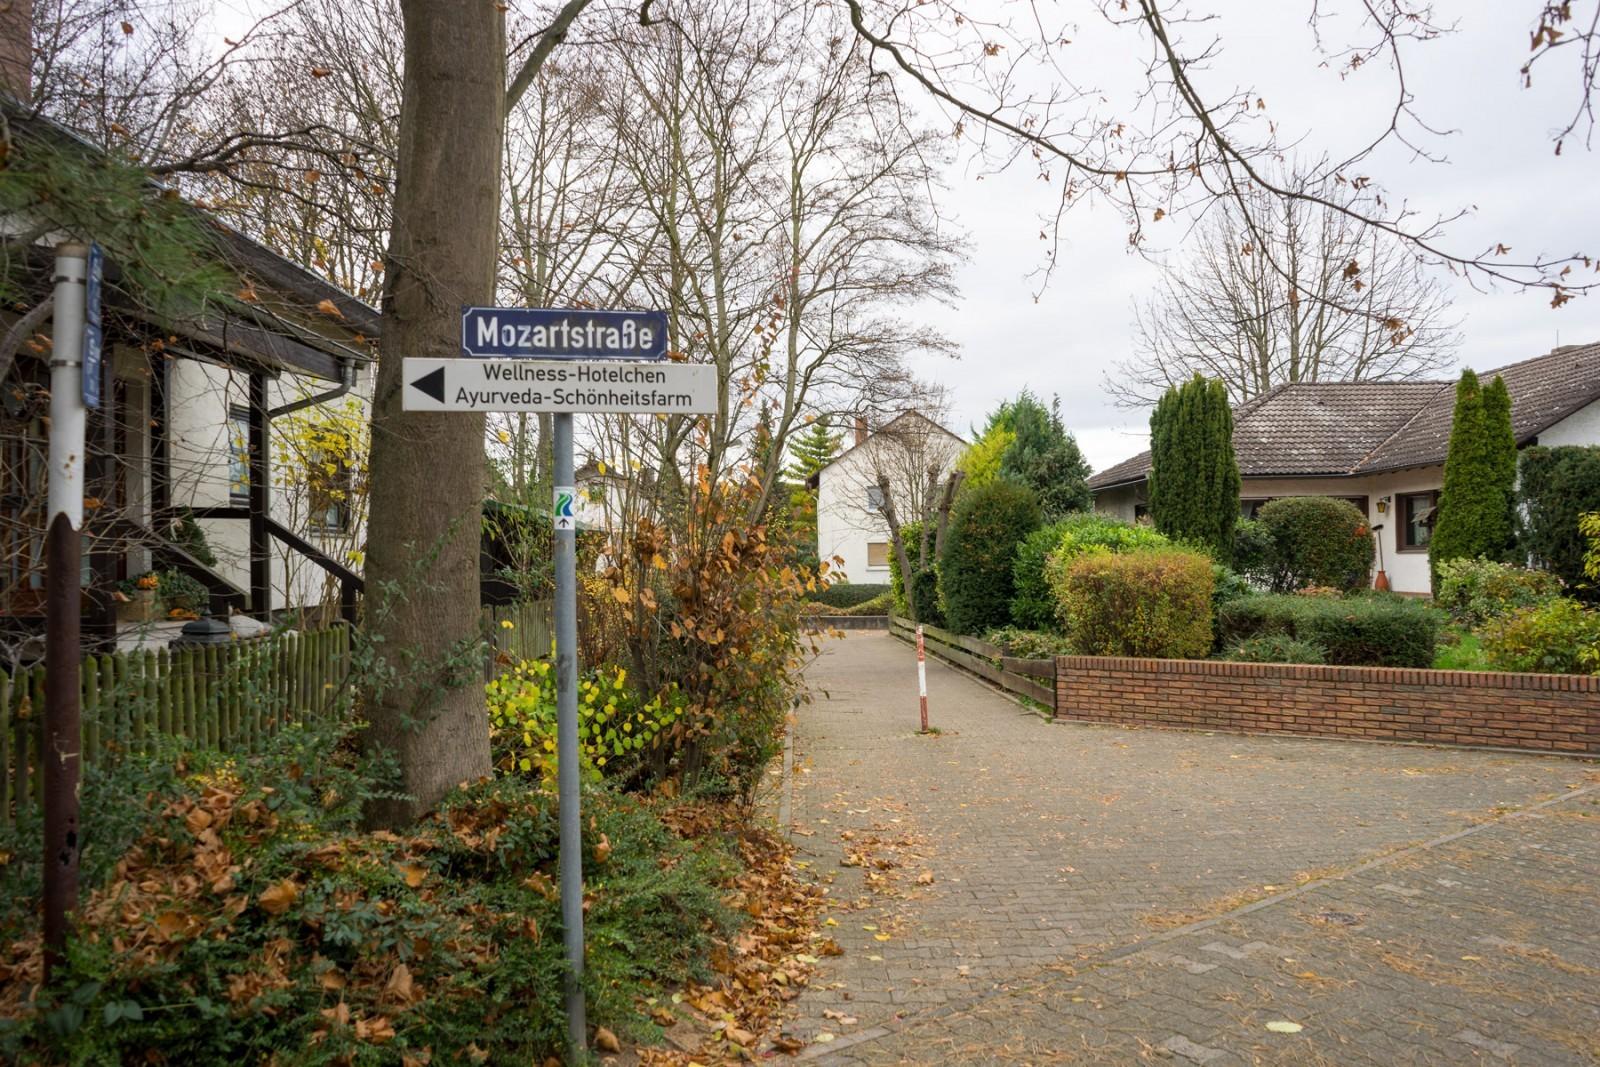 In der Mozartstraße in Nierstein